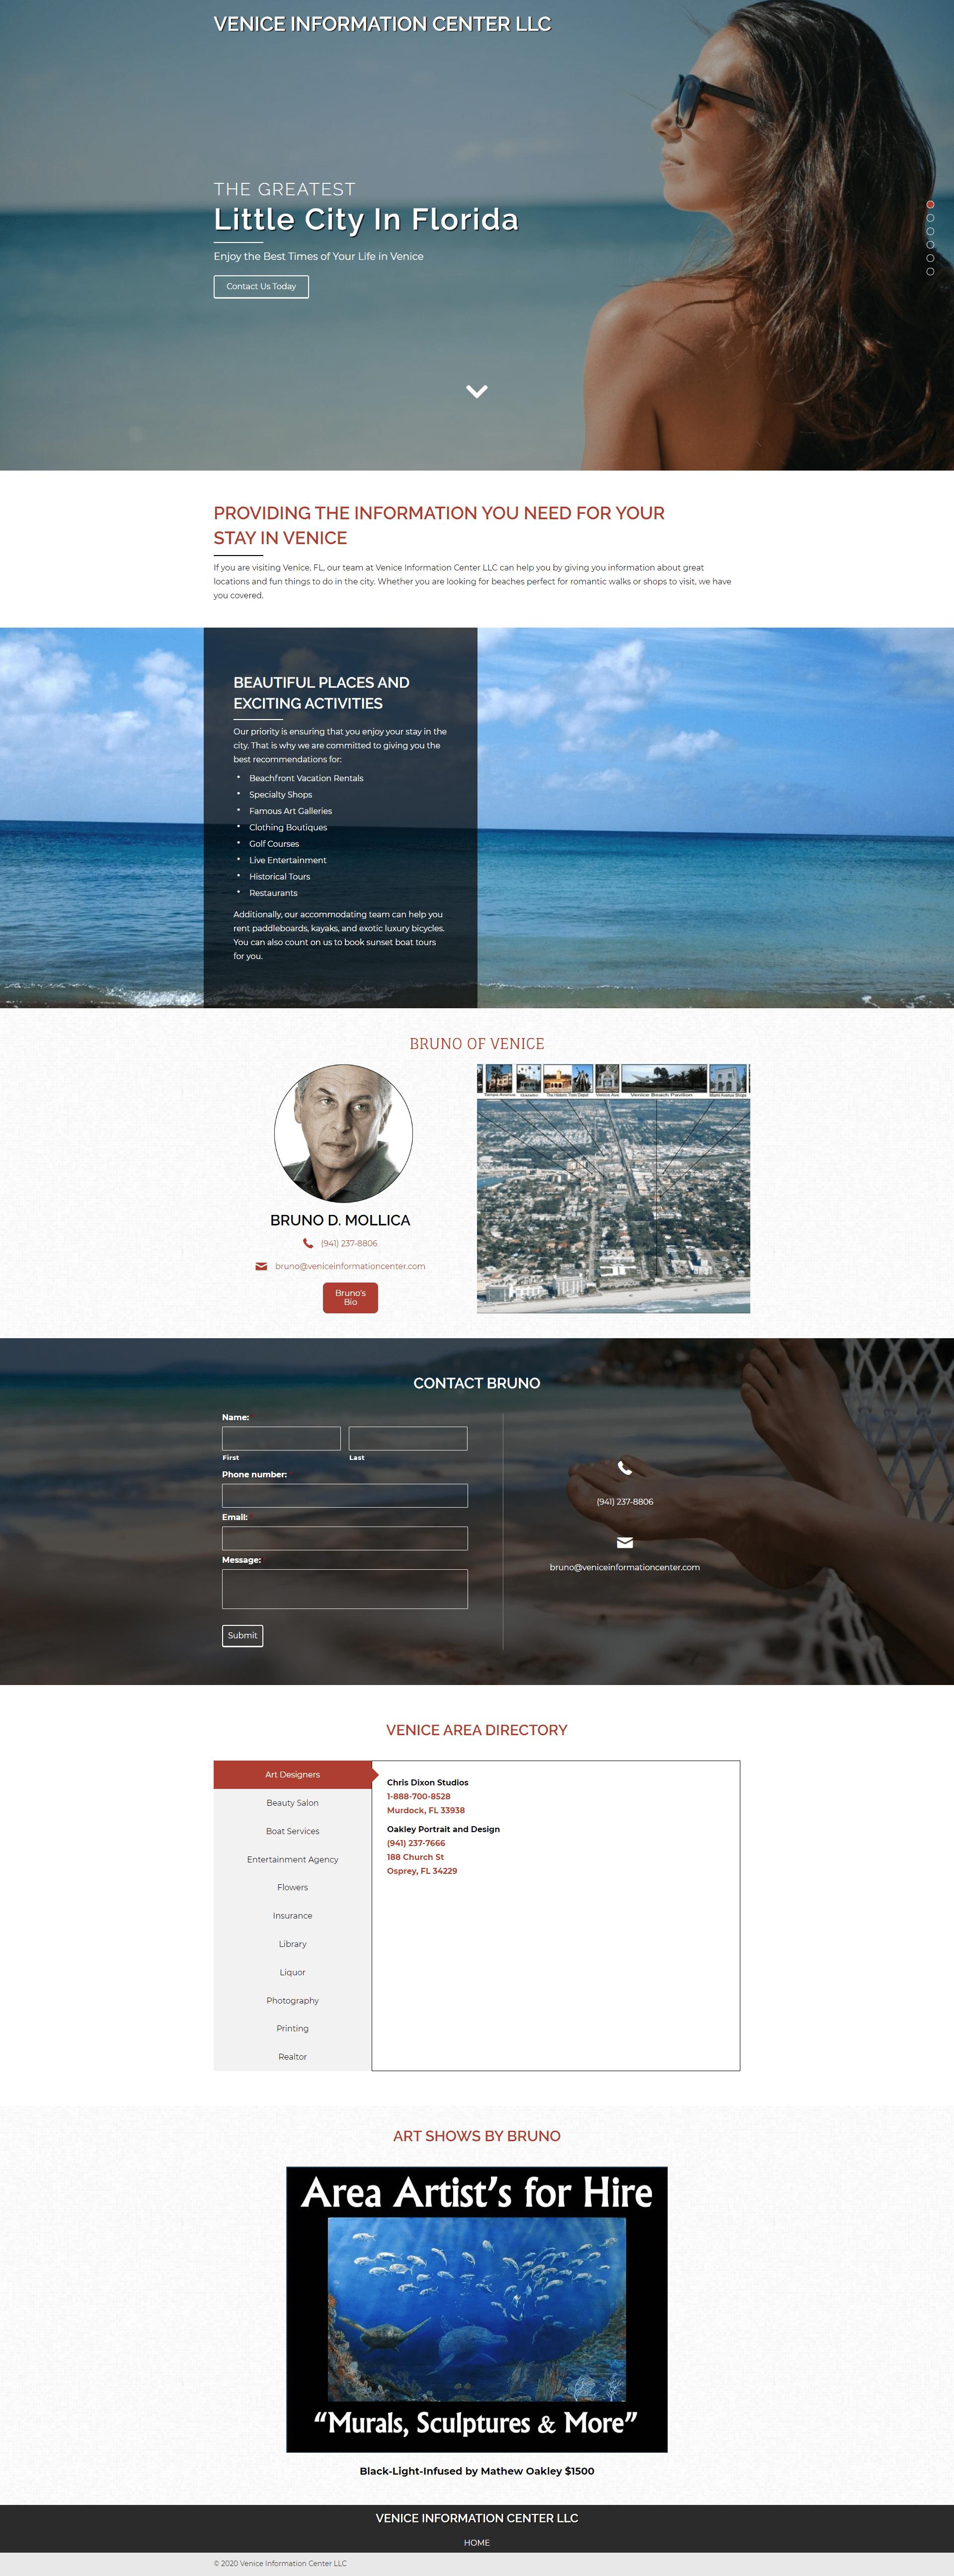 screencapture-veniceinformationcenter-2020-01-31-12_26_49